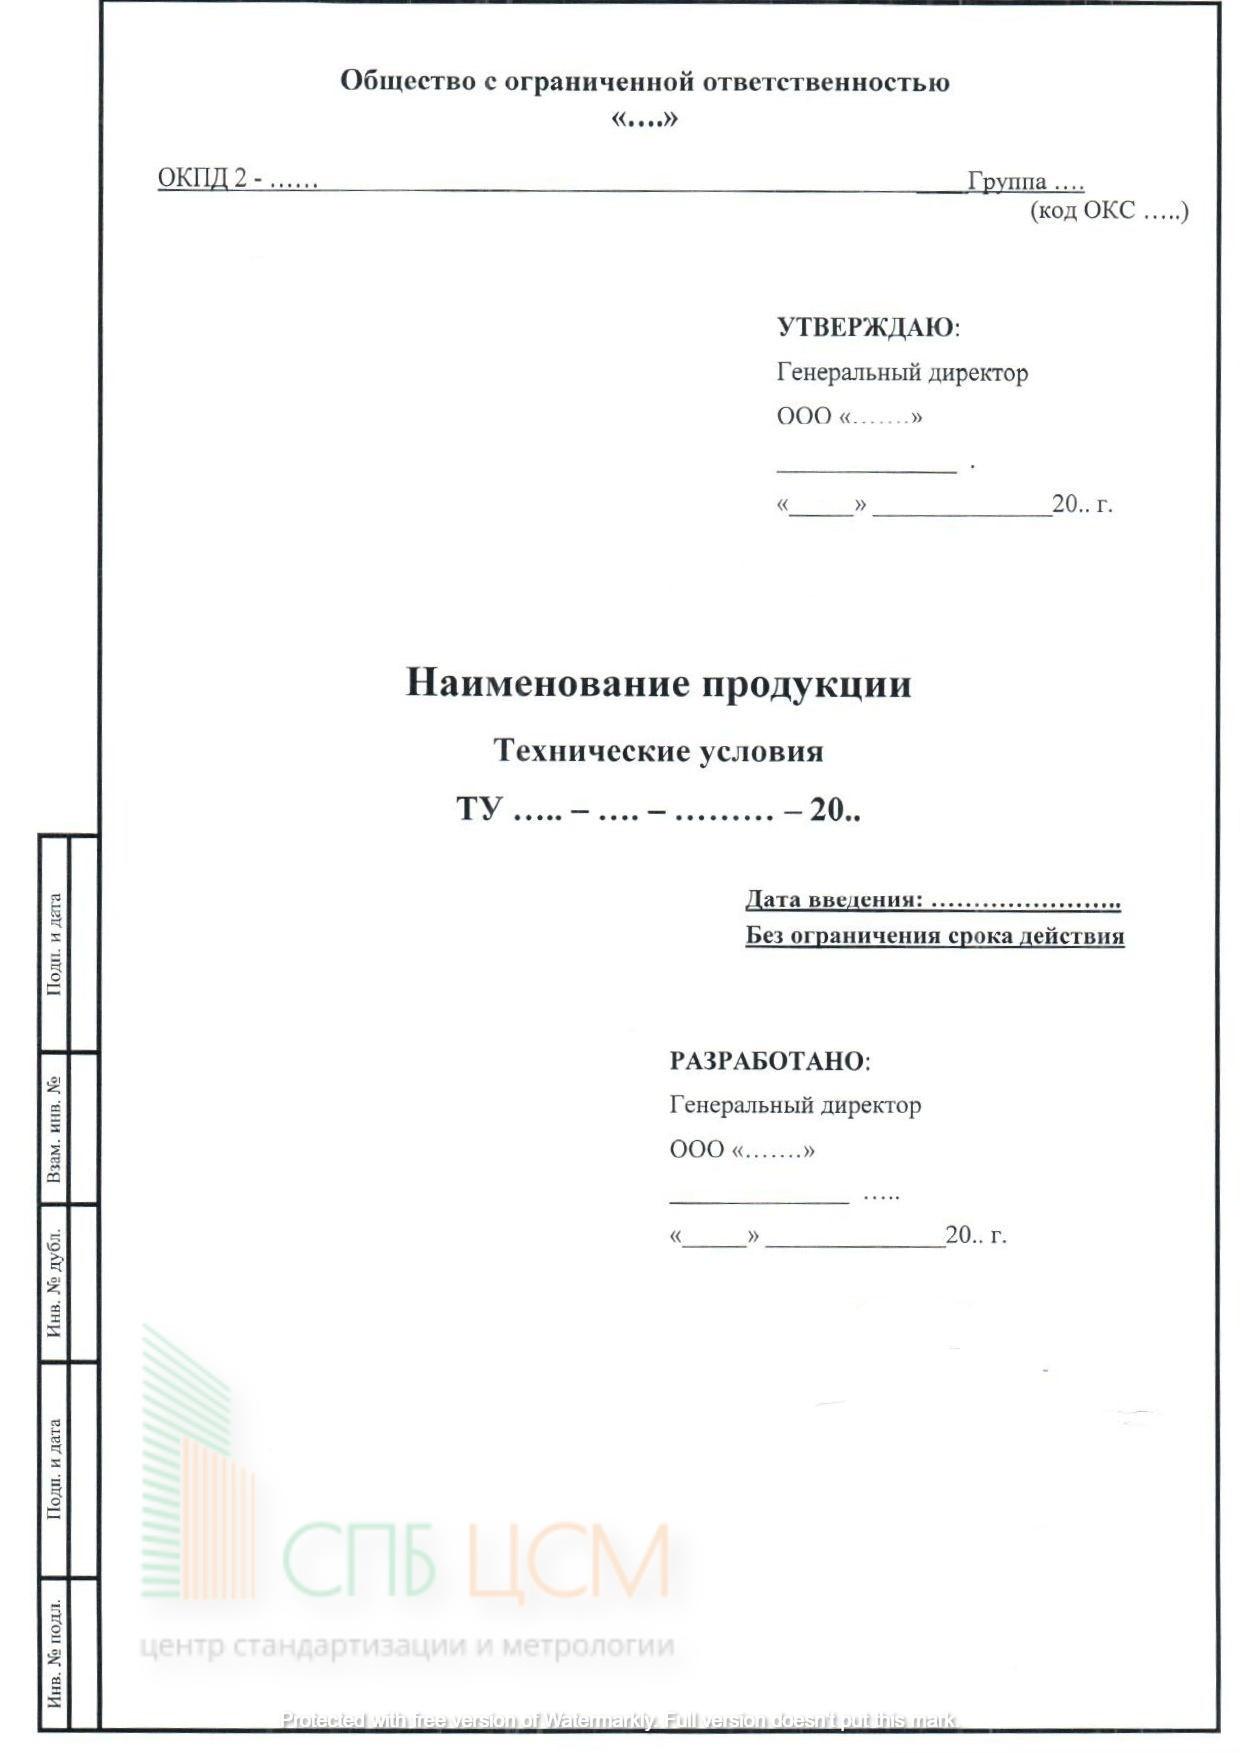 https://spbcsm.ru/razrabotka-texnicheskoj-dokumentacii/razrabotka-i-registracija-tu/